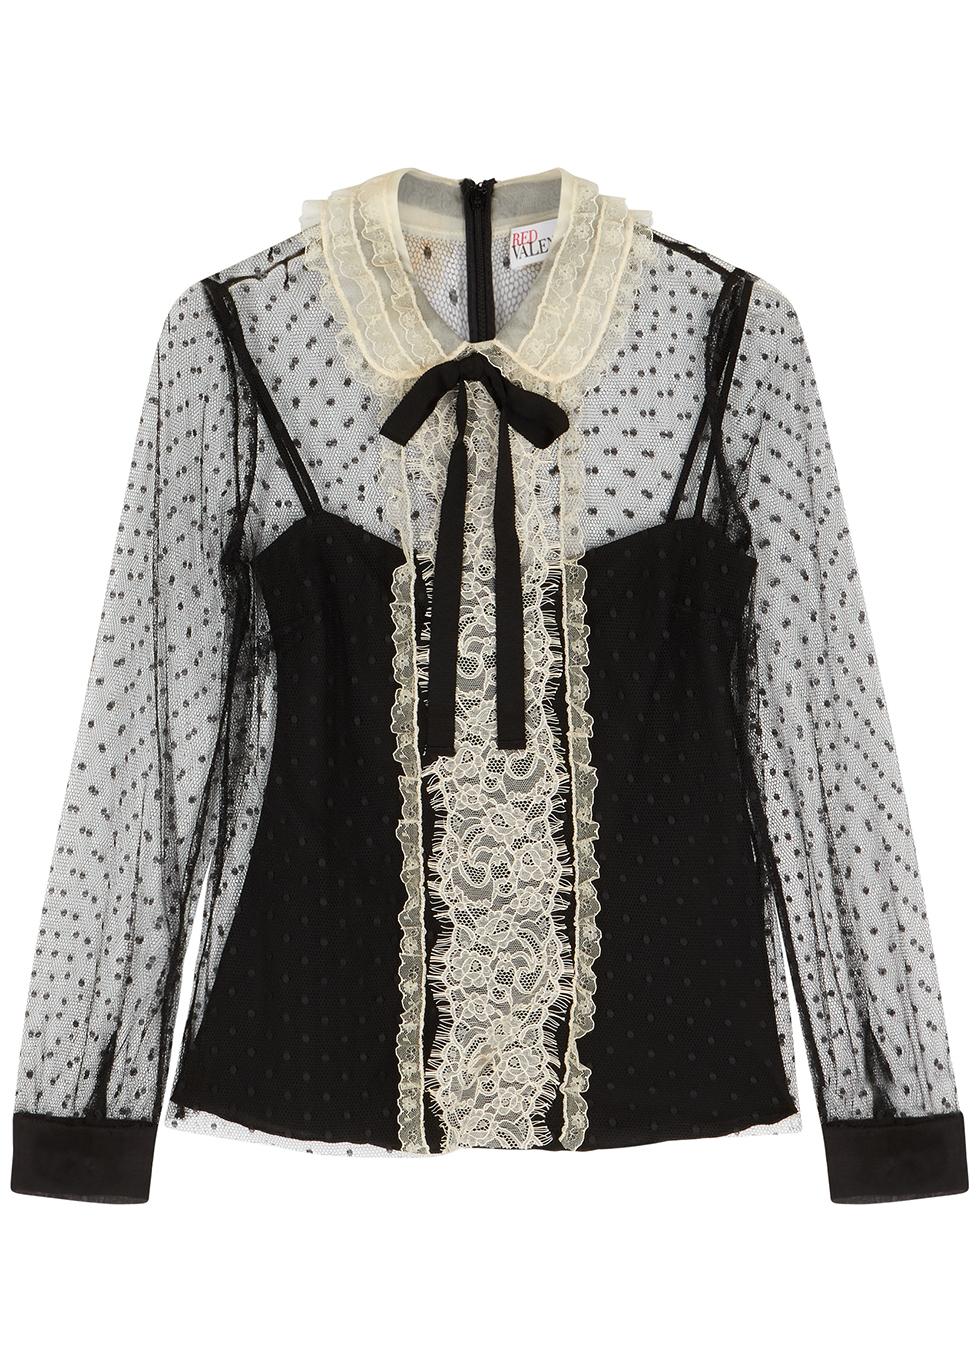 Black lace-trimmed point d'esprit blouse